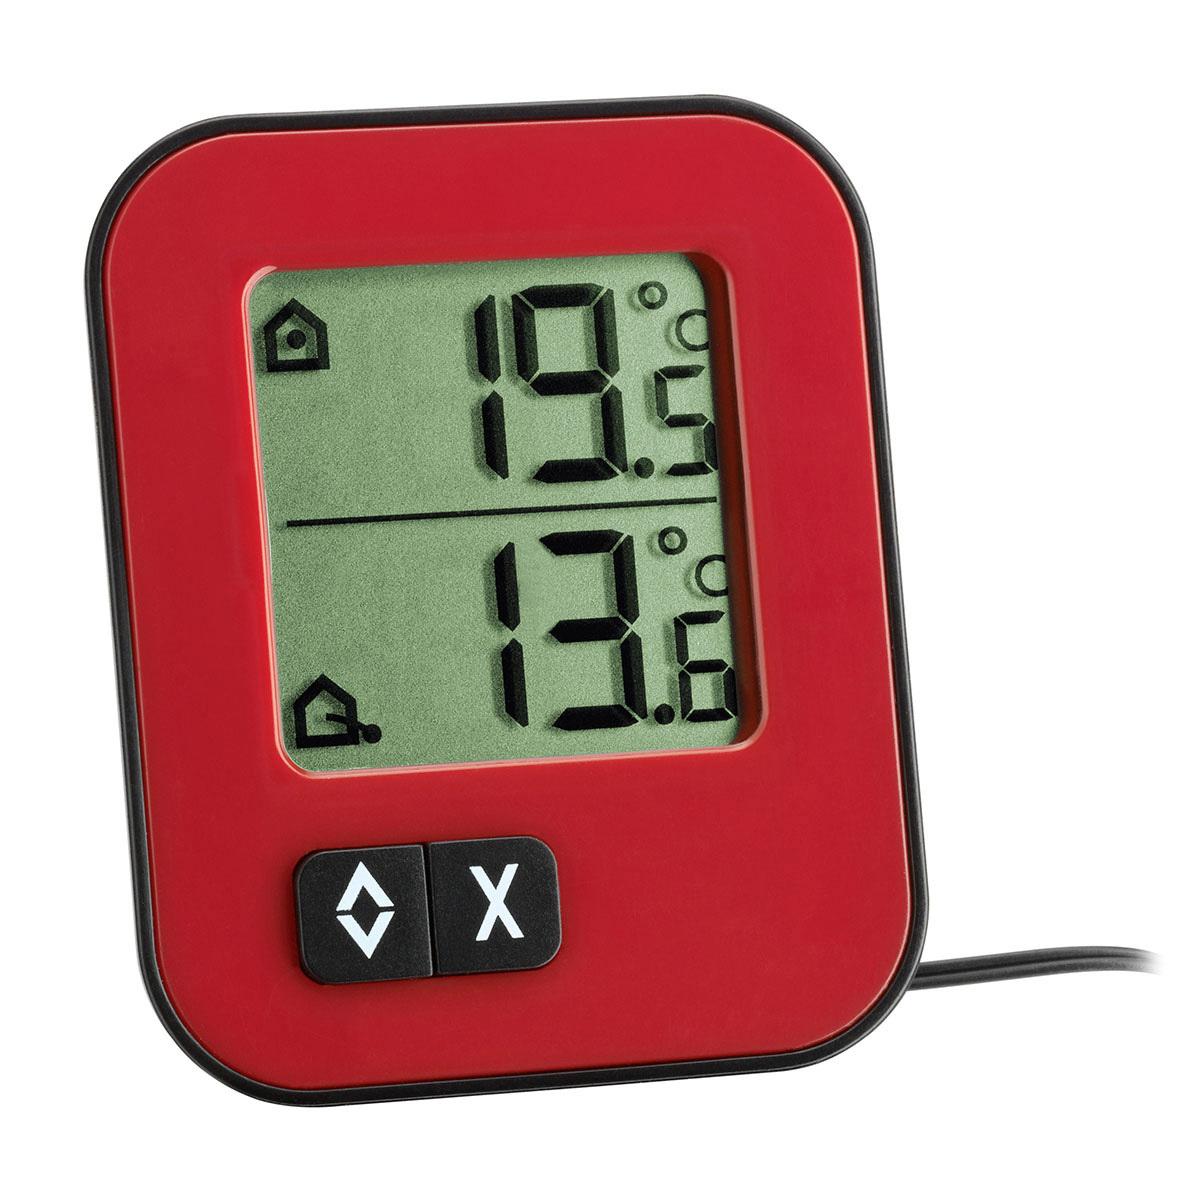 30-1043-05-digitales-innen-aussen-thermometer-moxx-1200x1200px.jpg